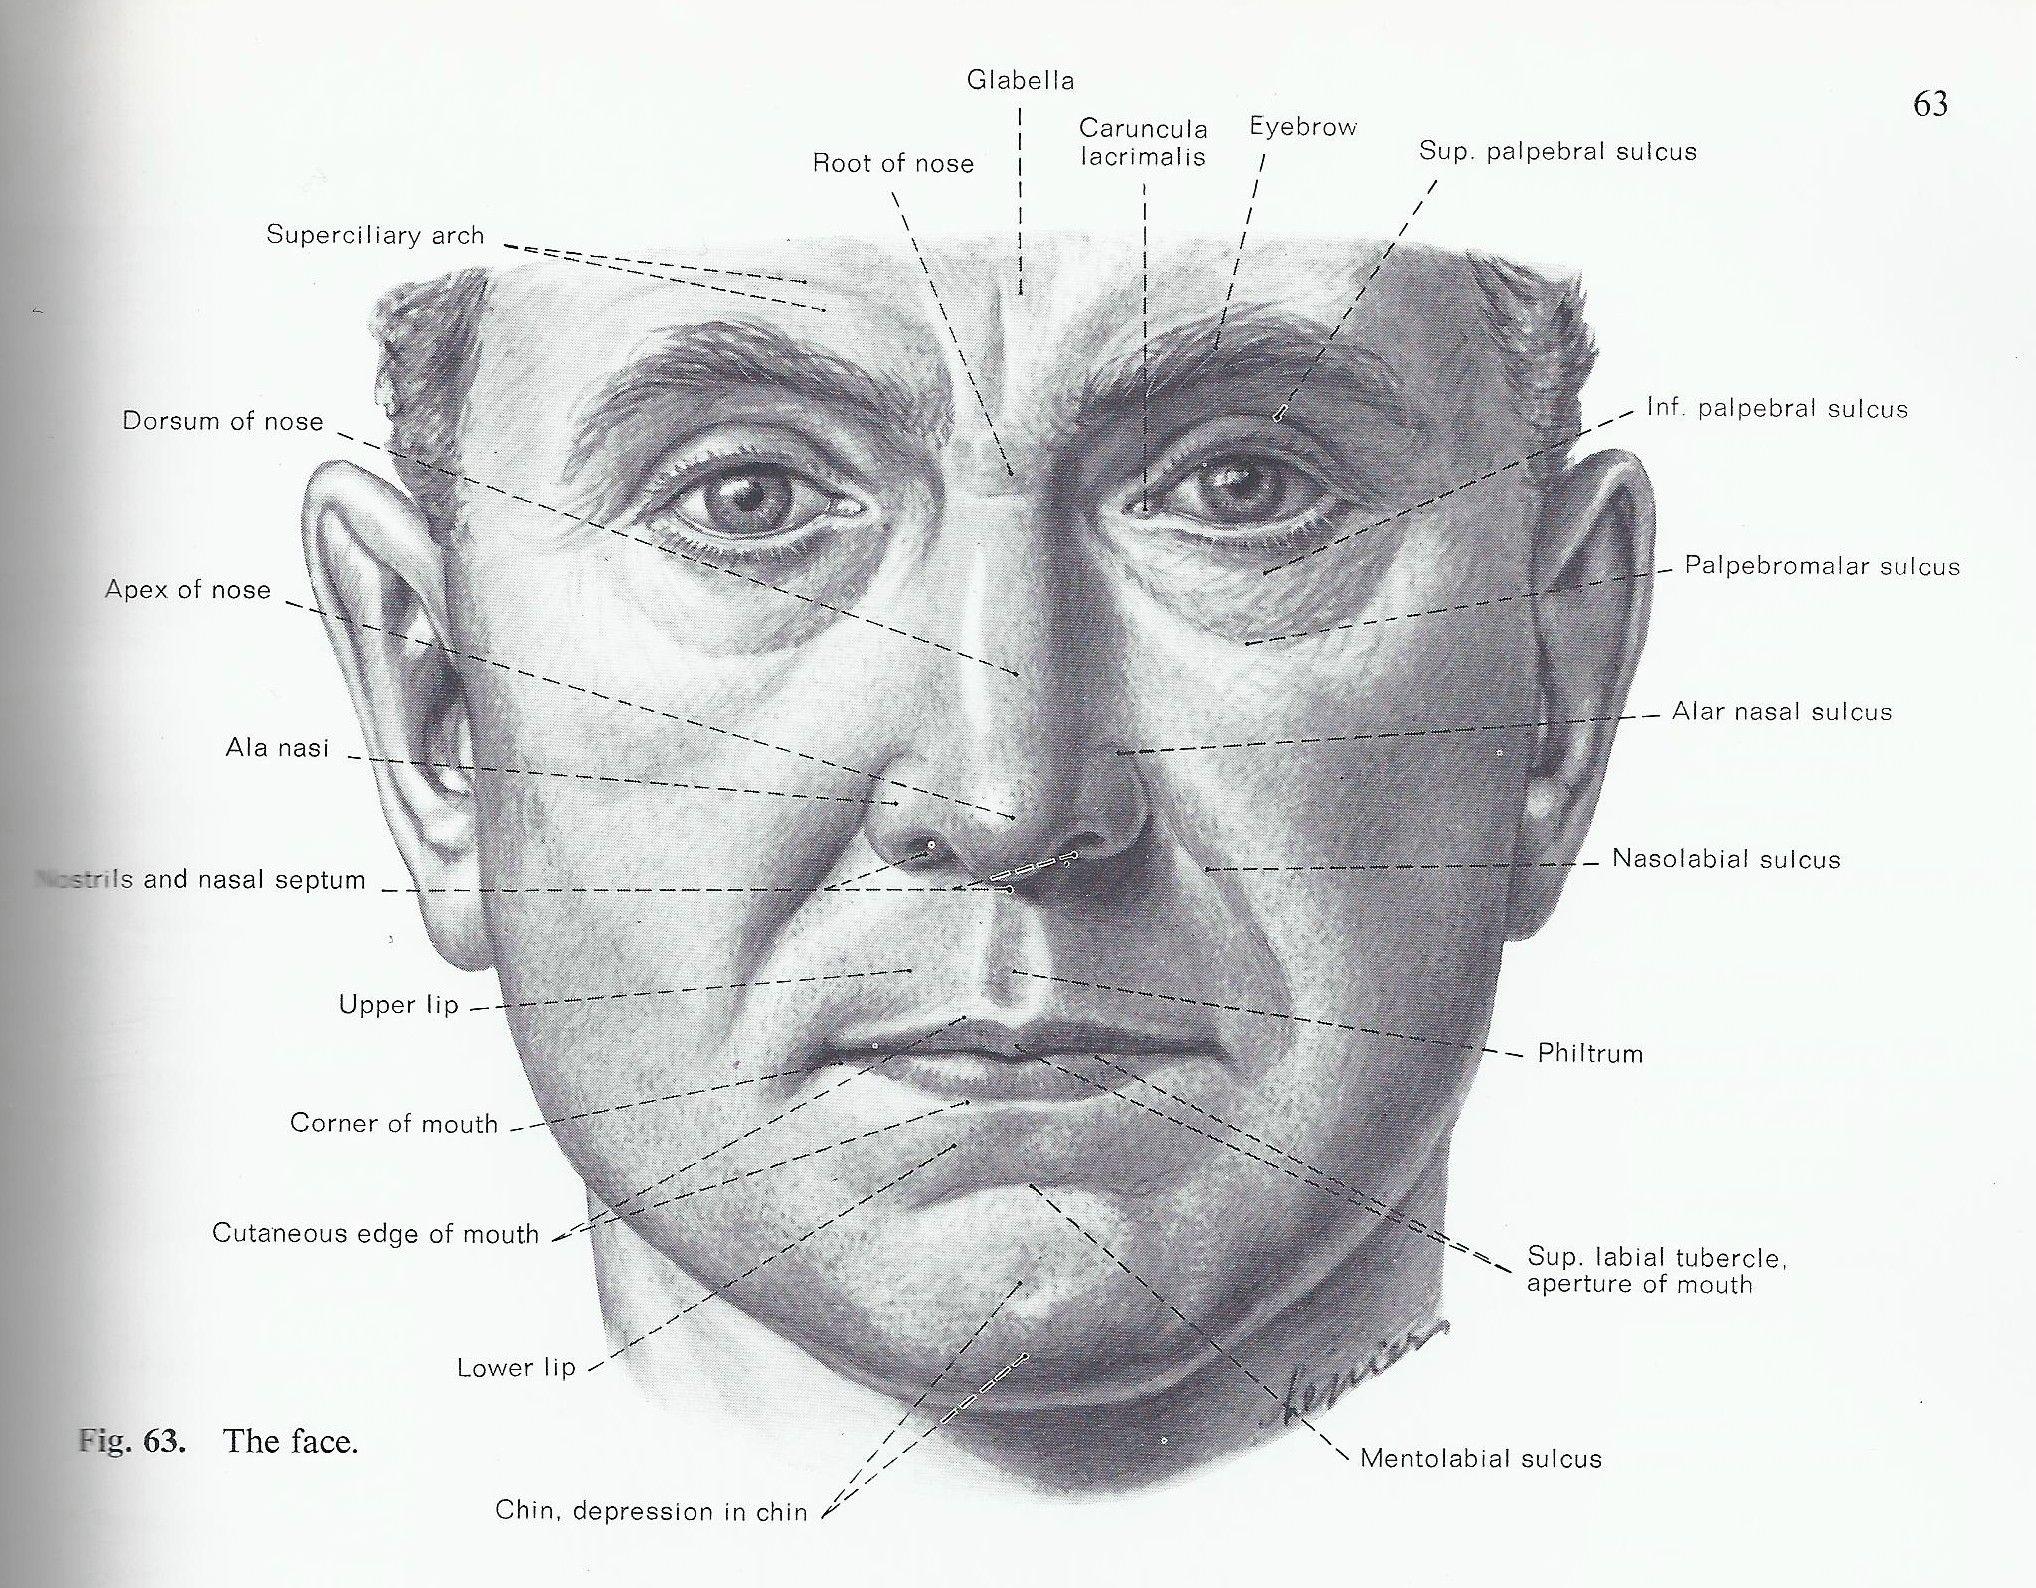 hight resolution of cheek bone anatomy cheek anatomy diagram human anatomy diagram